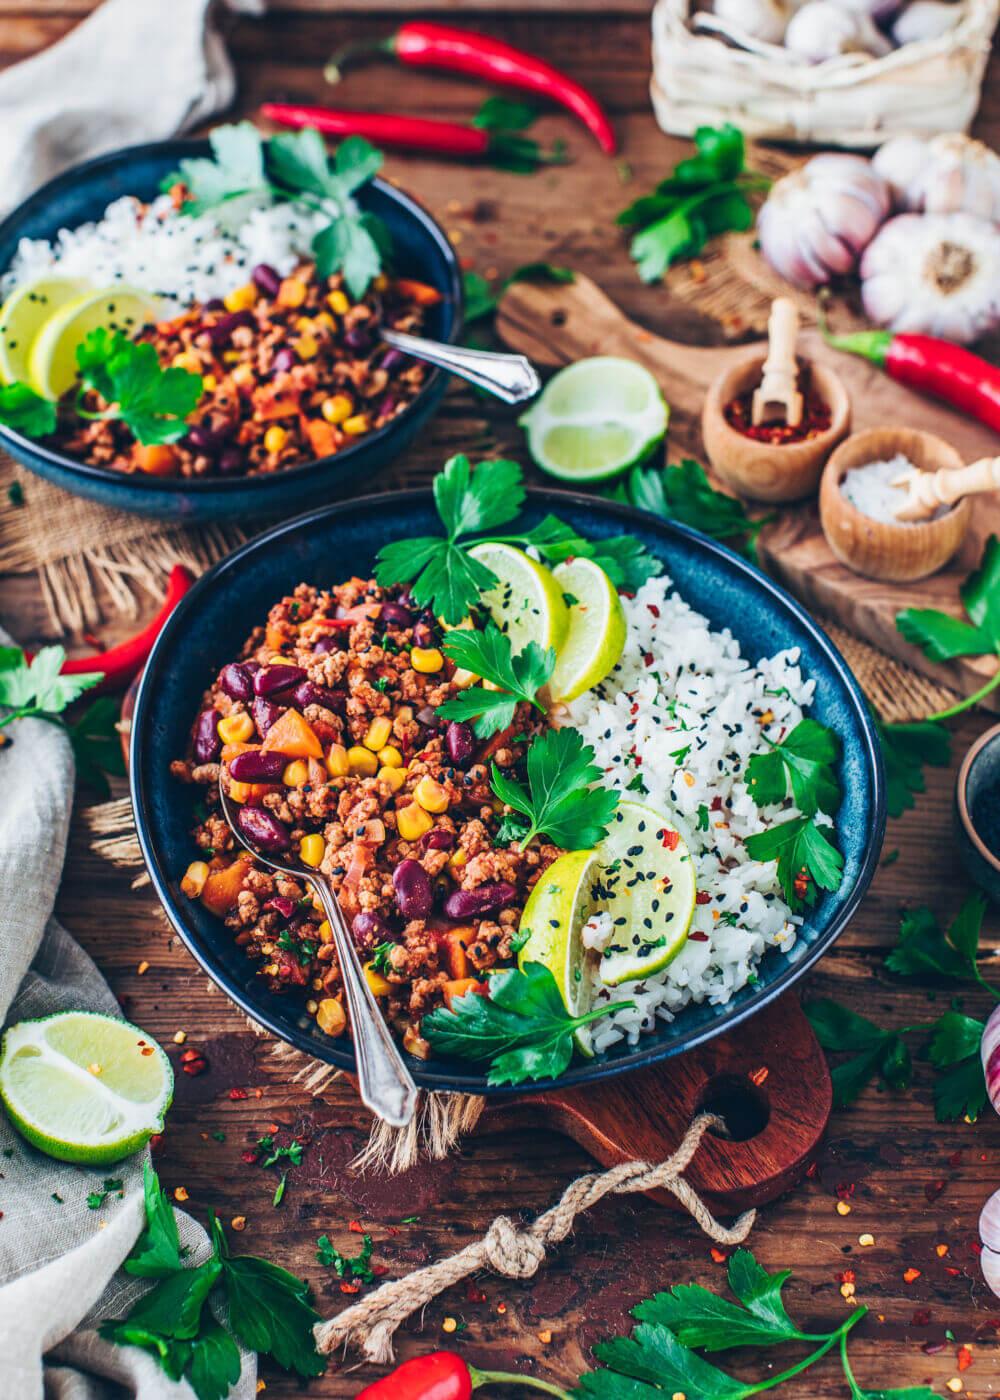 Chili sin carne - Mexikanisches Gericht mit Bohnen, Mais und veganem Hackfleisch